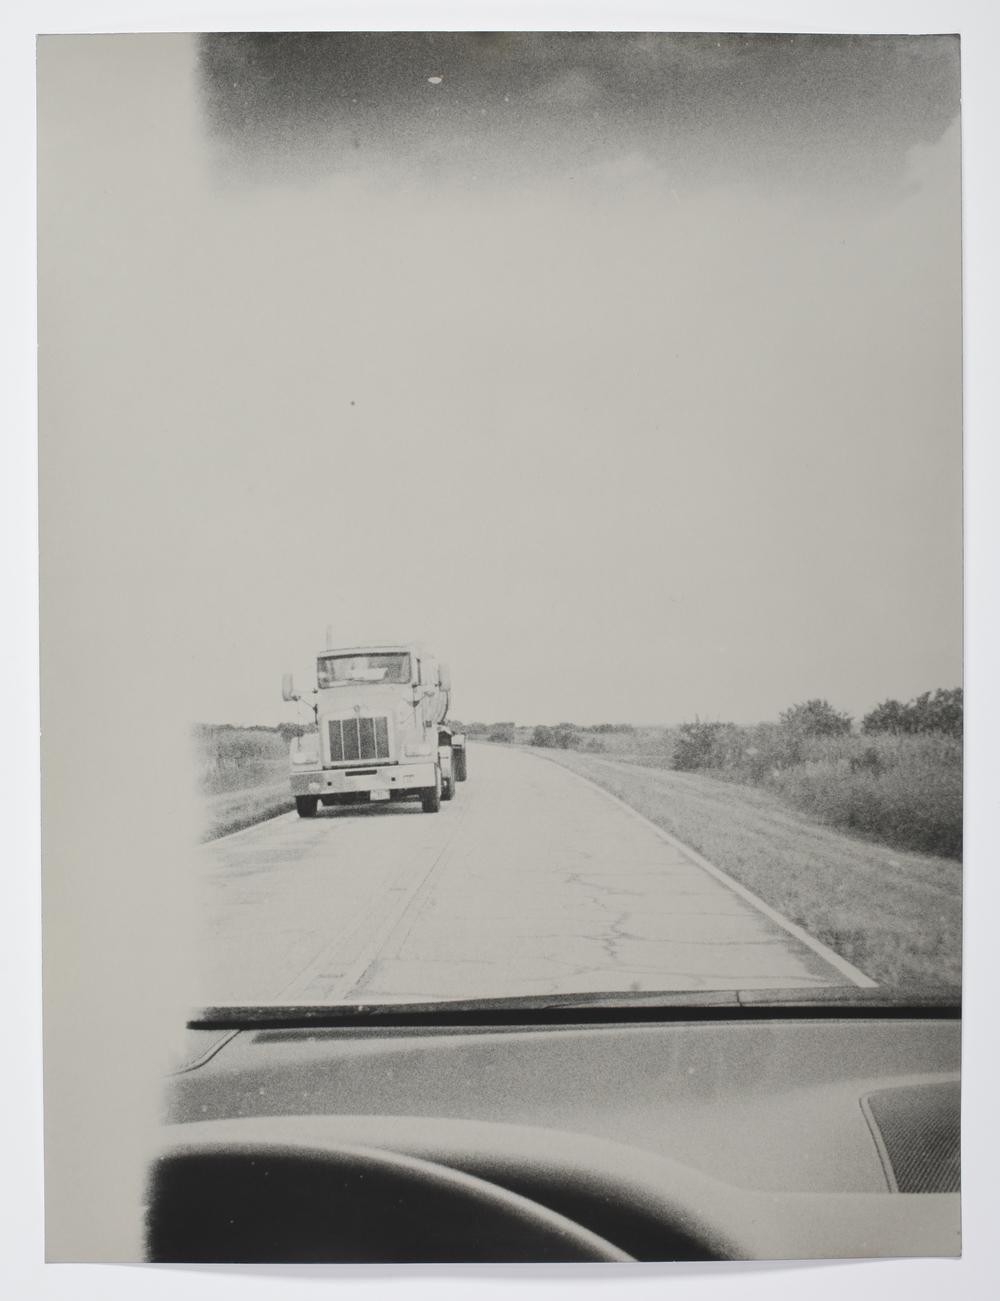 On the Road,FL-006-00, gelatin silver print, 60,8 x 50,5 cm